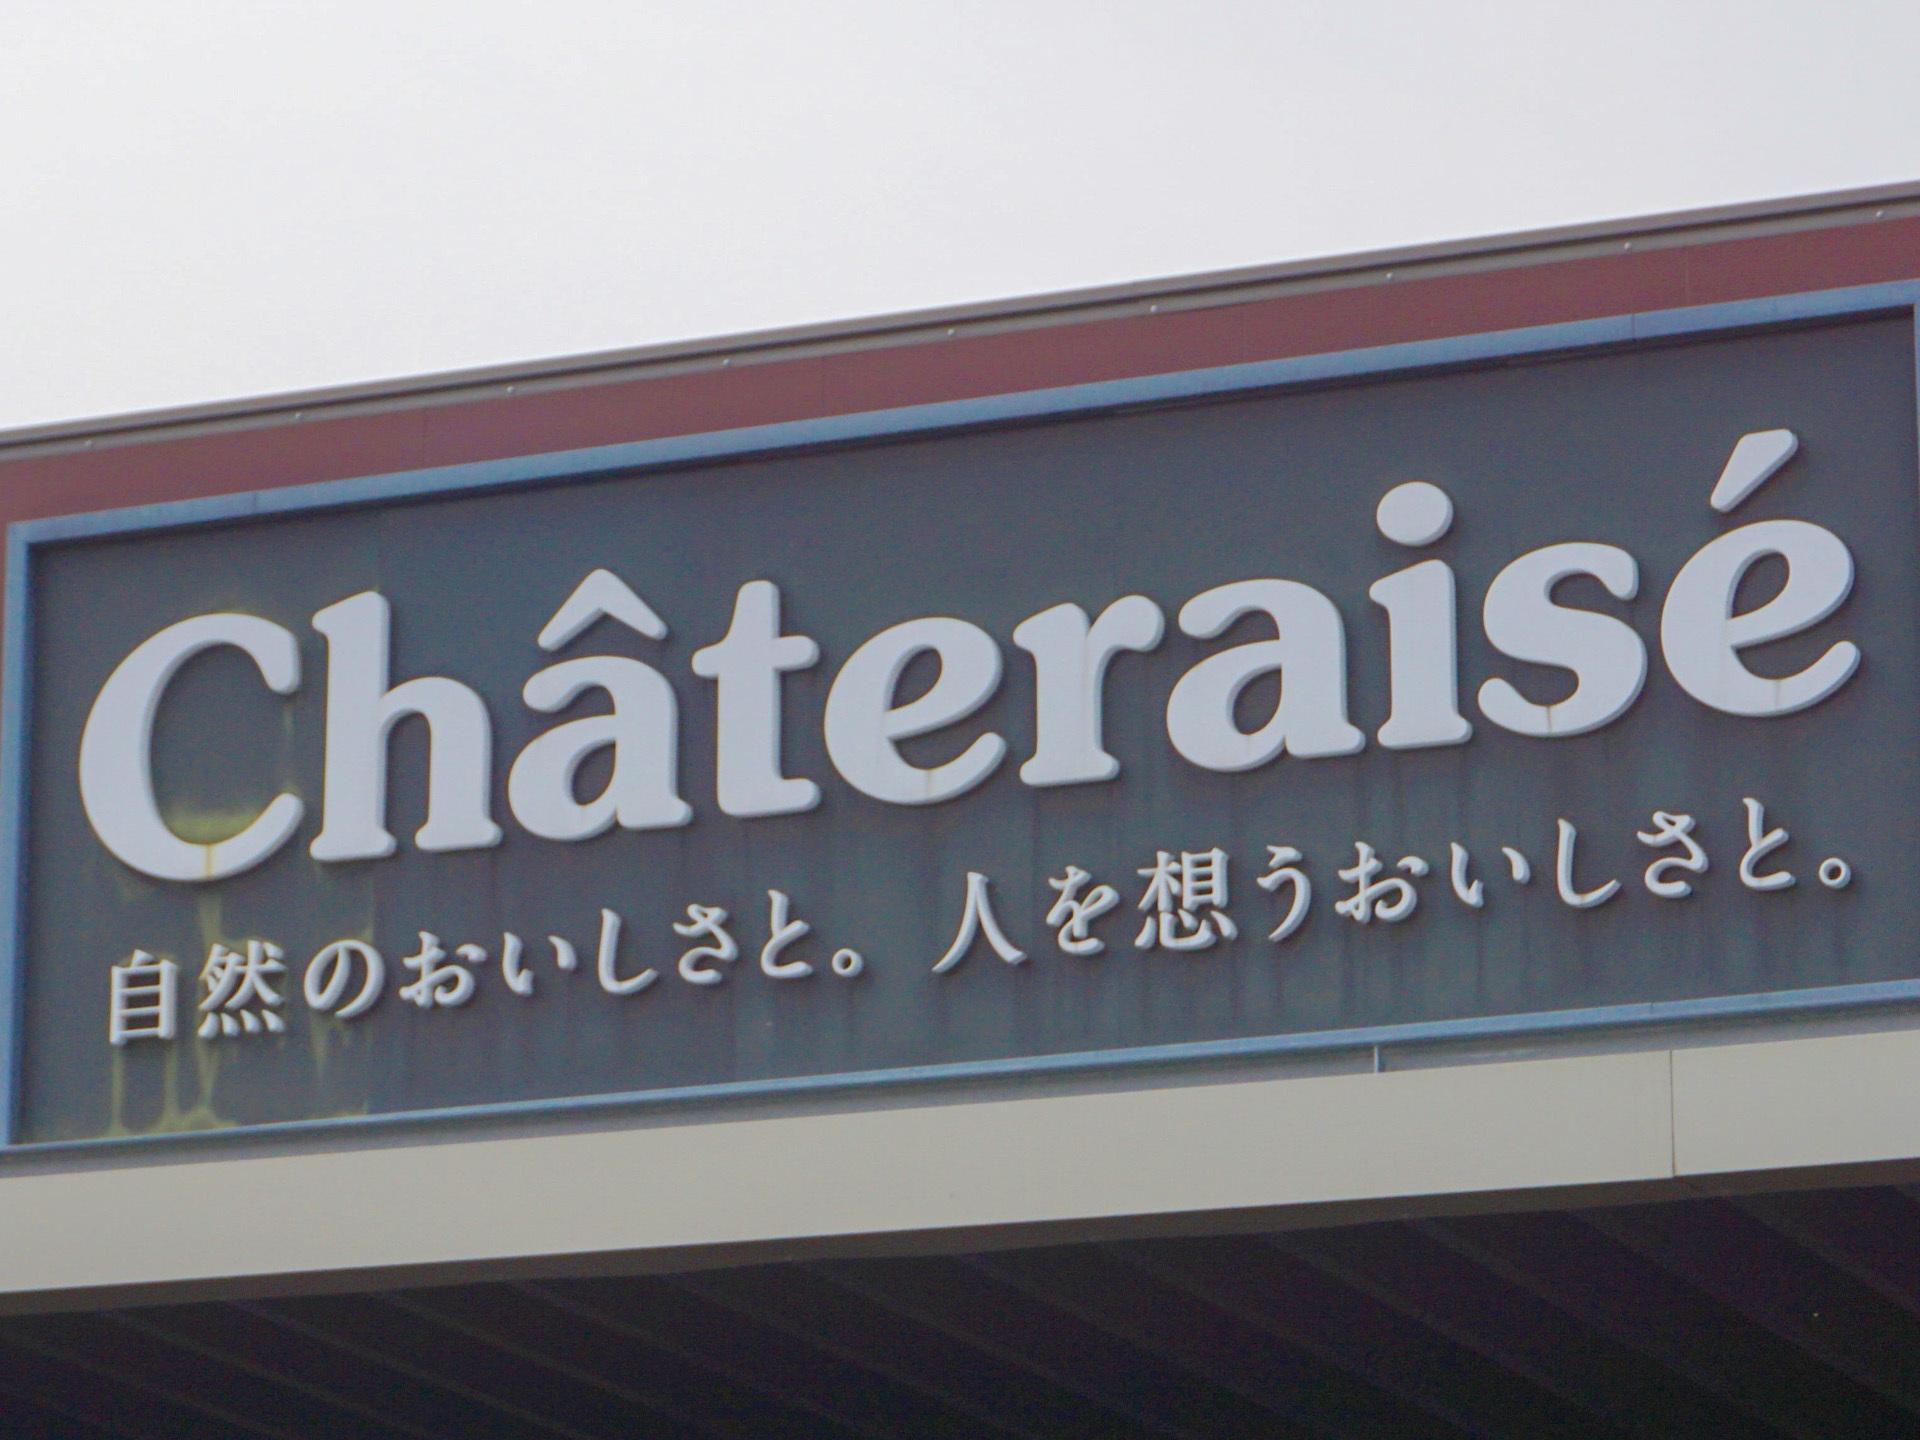 洋菓子メーカー シャトレーゼ